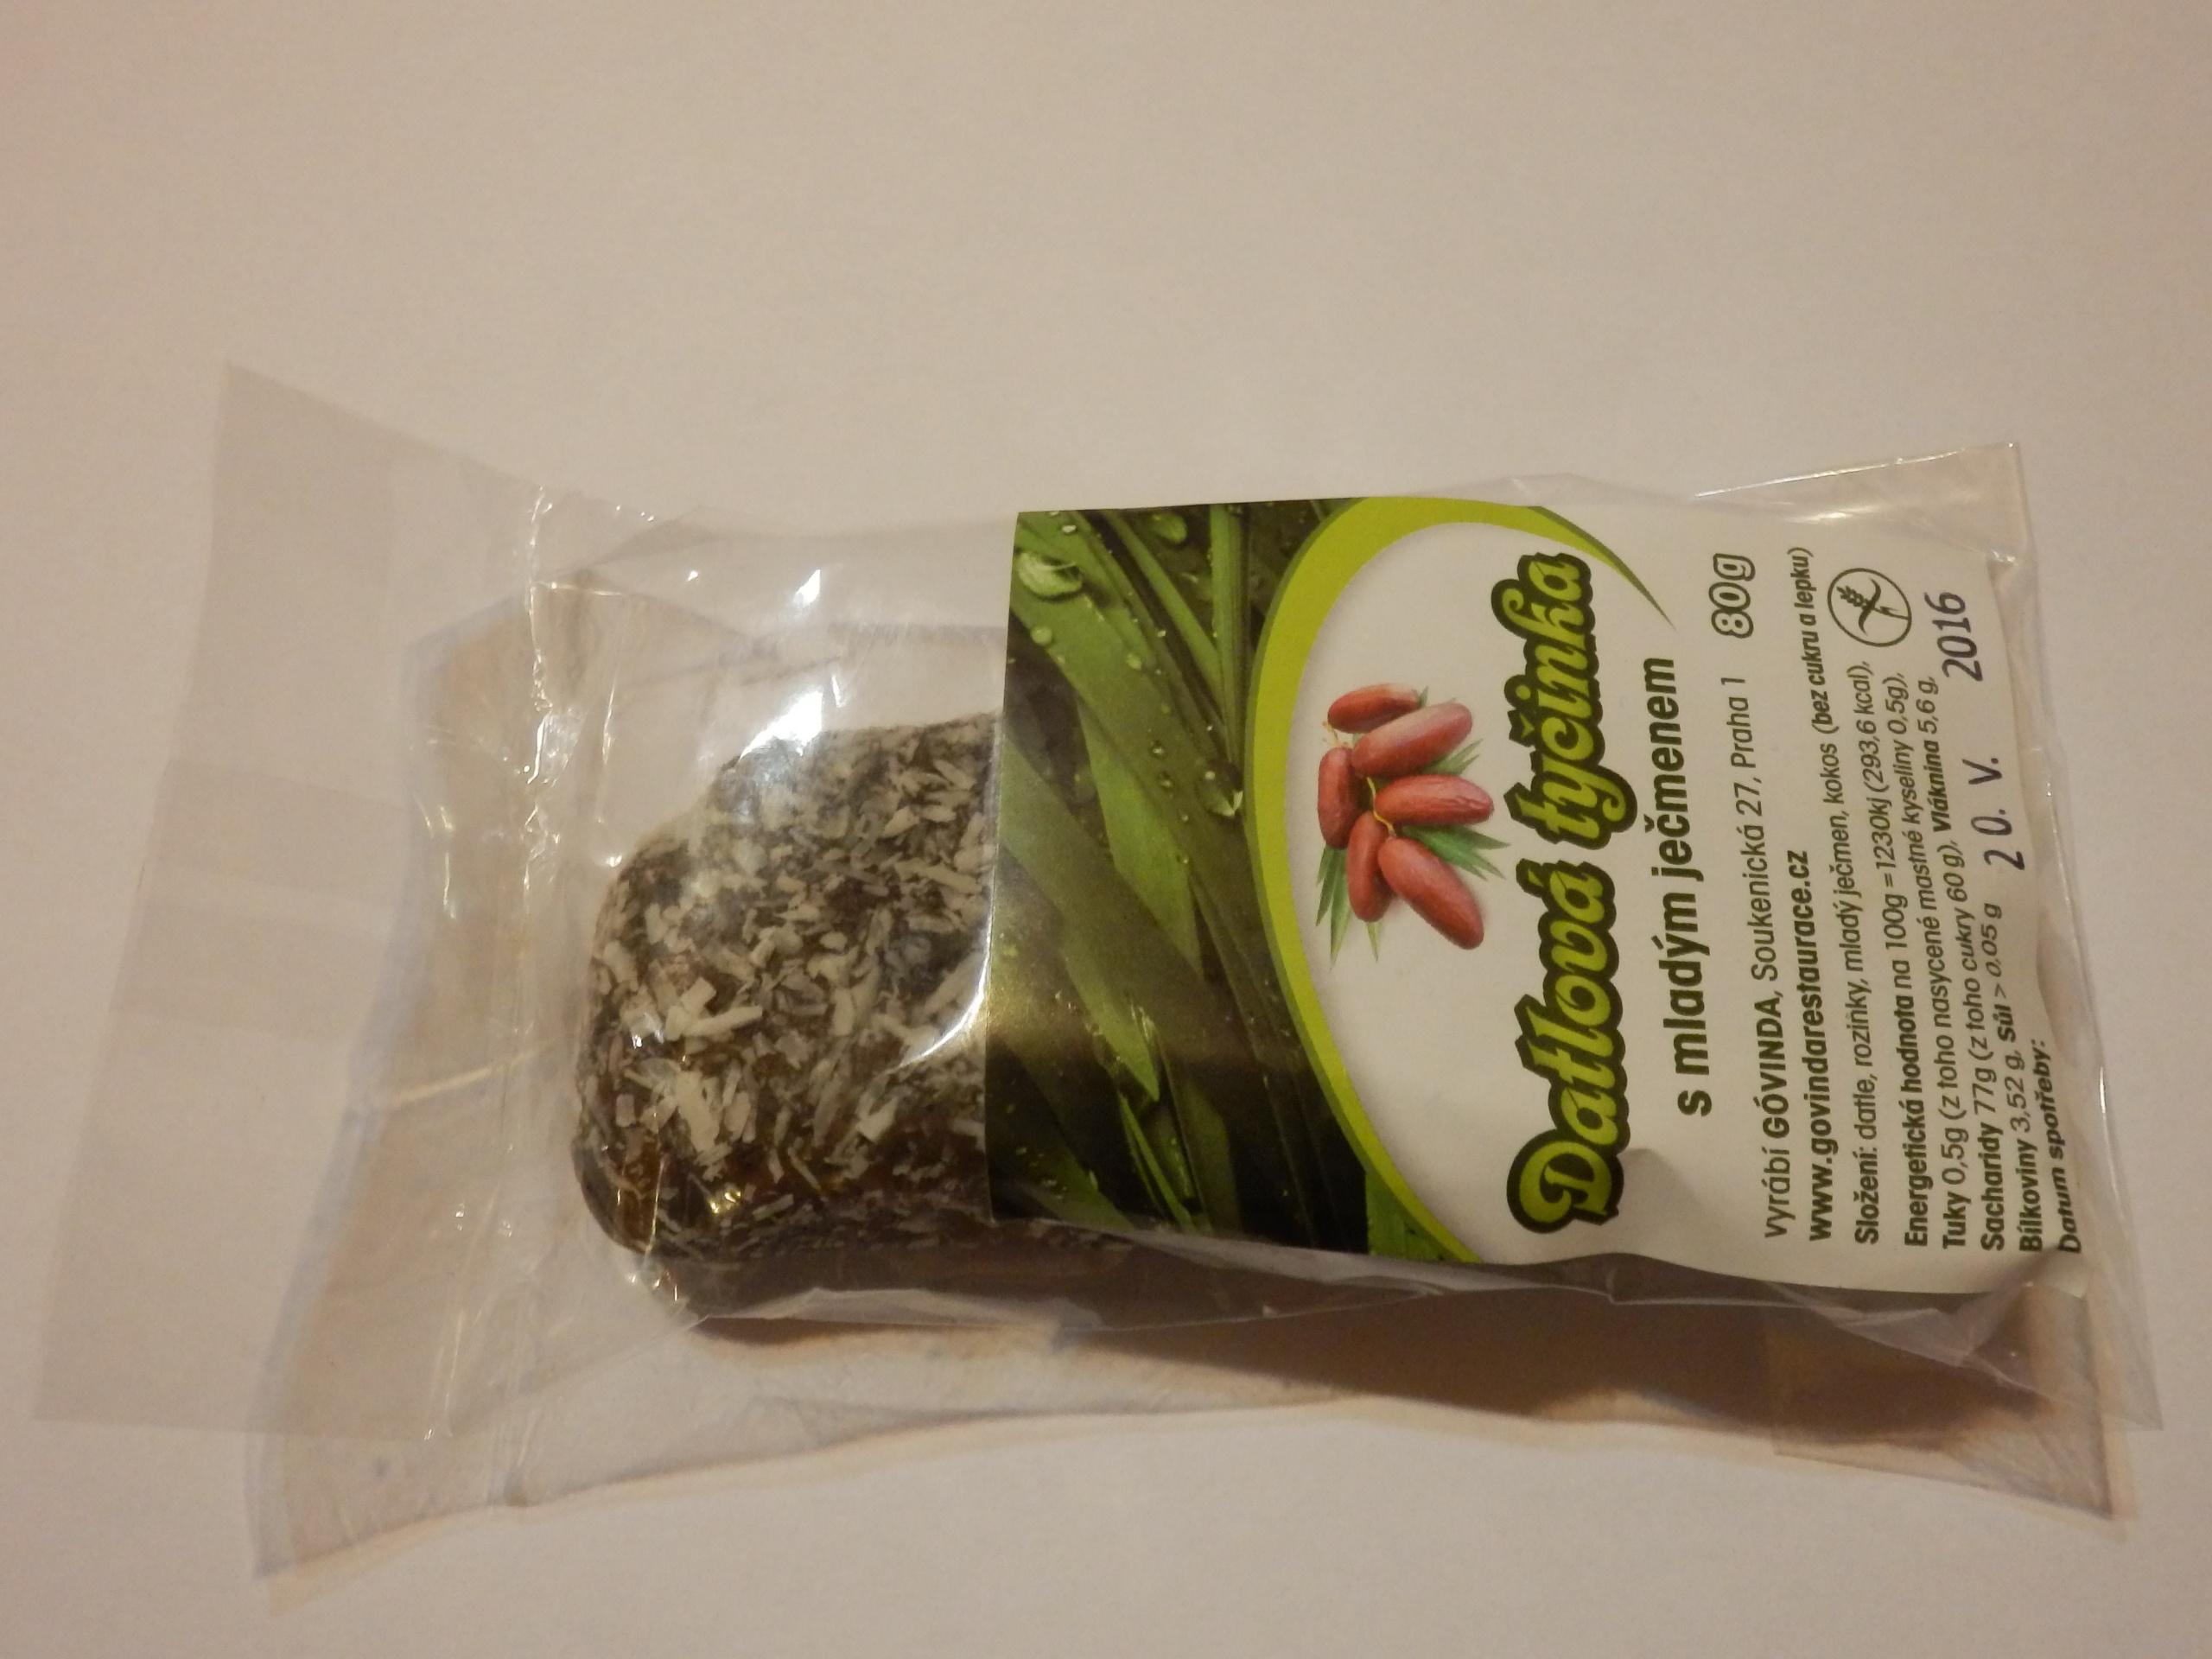 Datlová tyčinka s mladým zeleným ječmenem